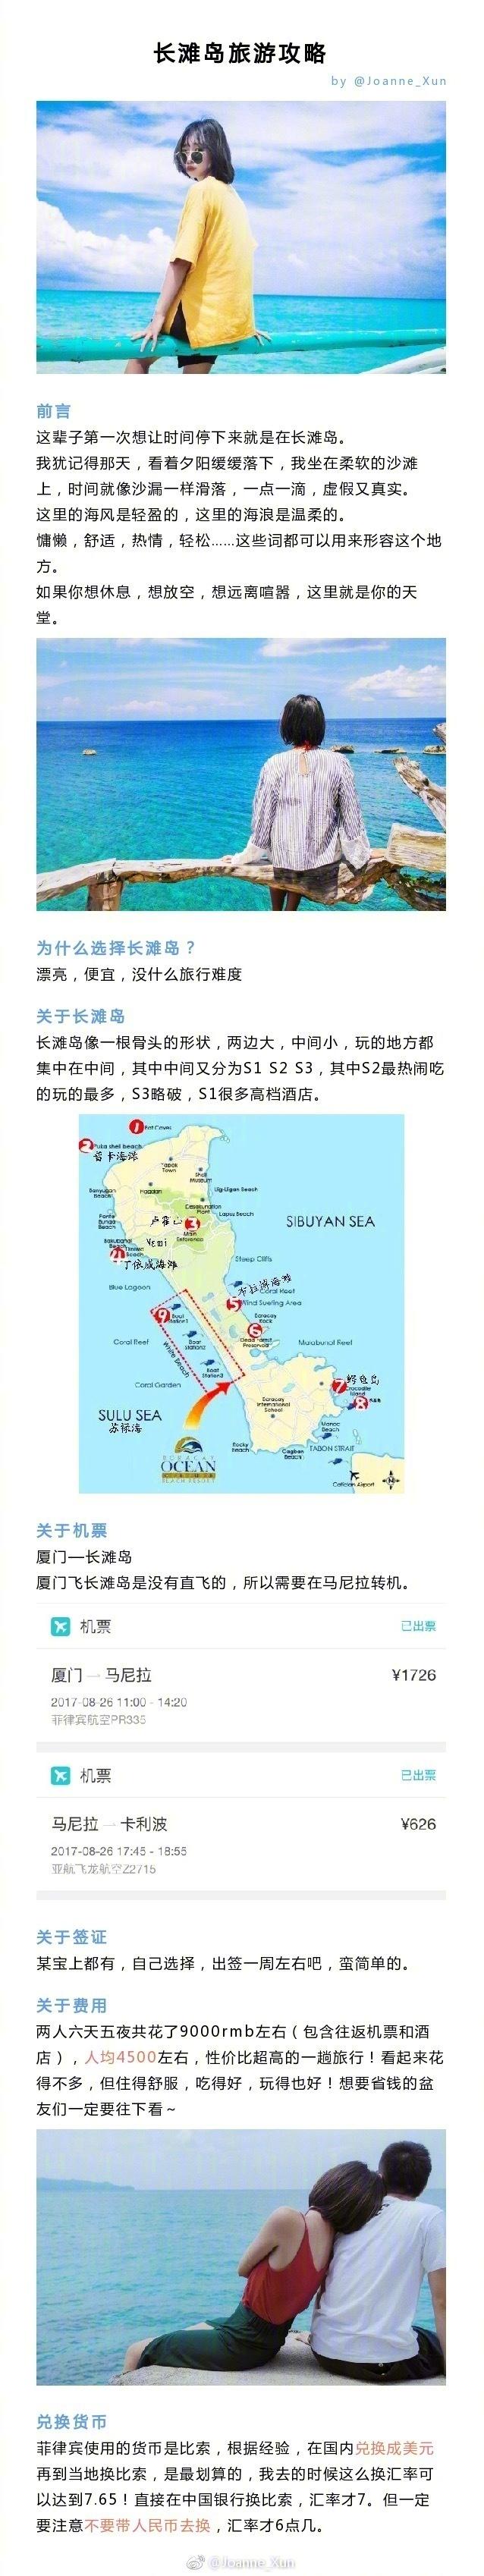 长滩岛旅游攻略这是一篇用最少的钱玩最好的地方的超高性价比实用攻